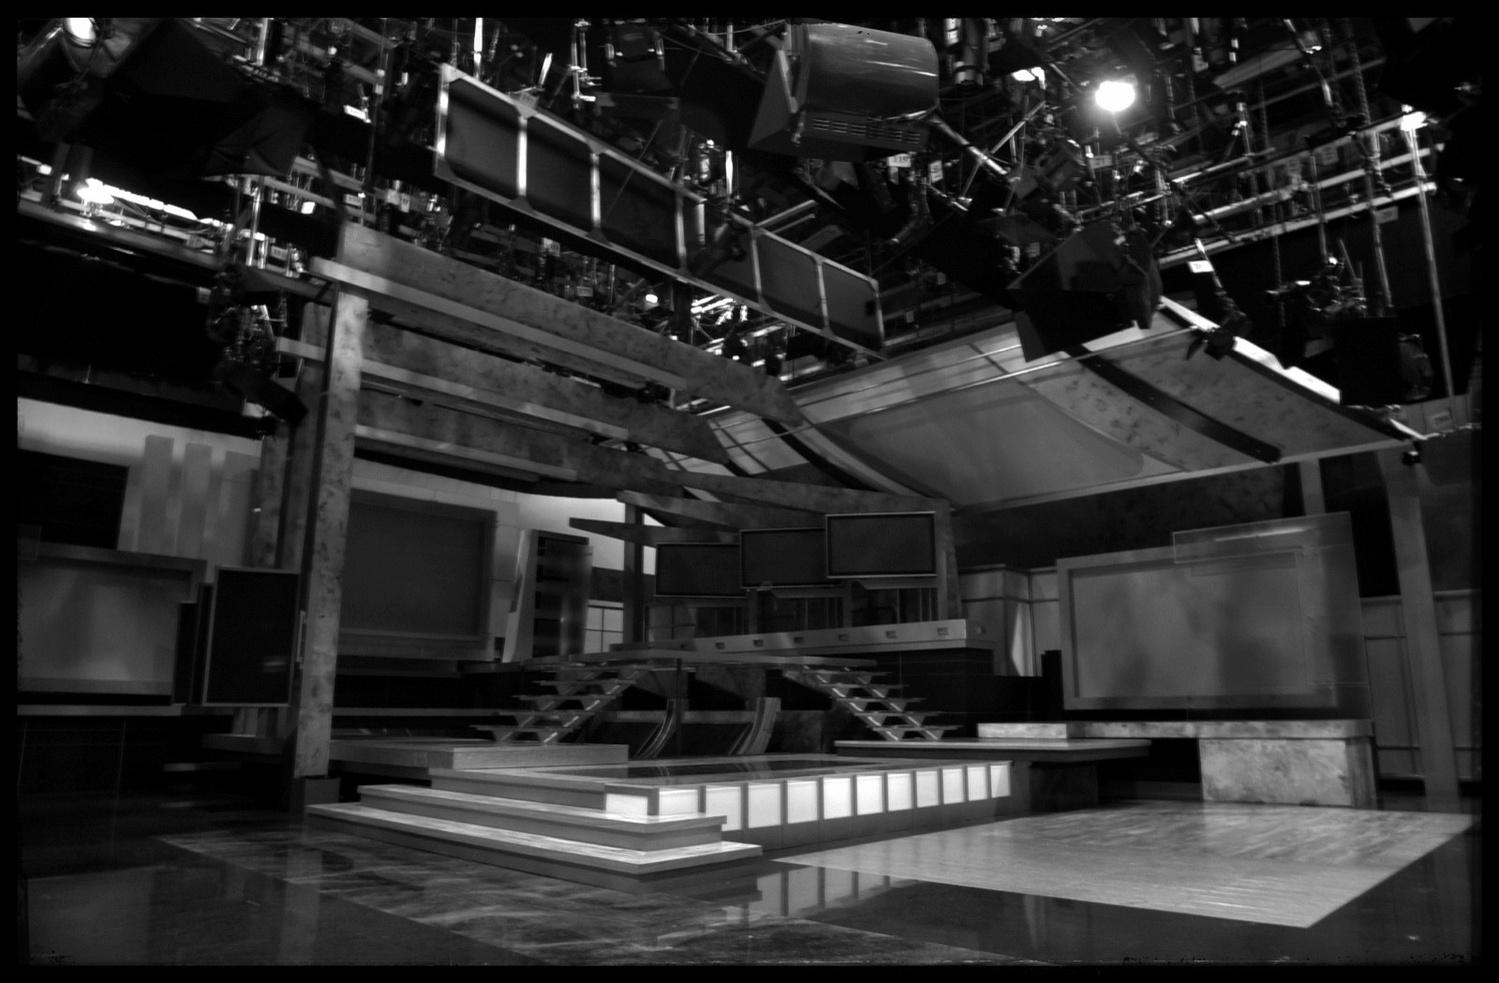 Empty Studio by Yves Van den Meerssche